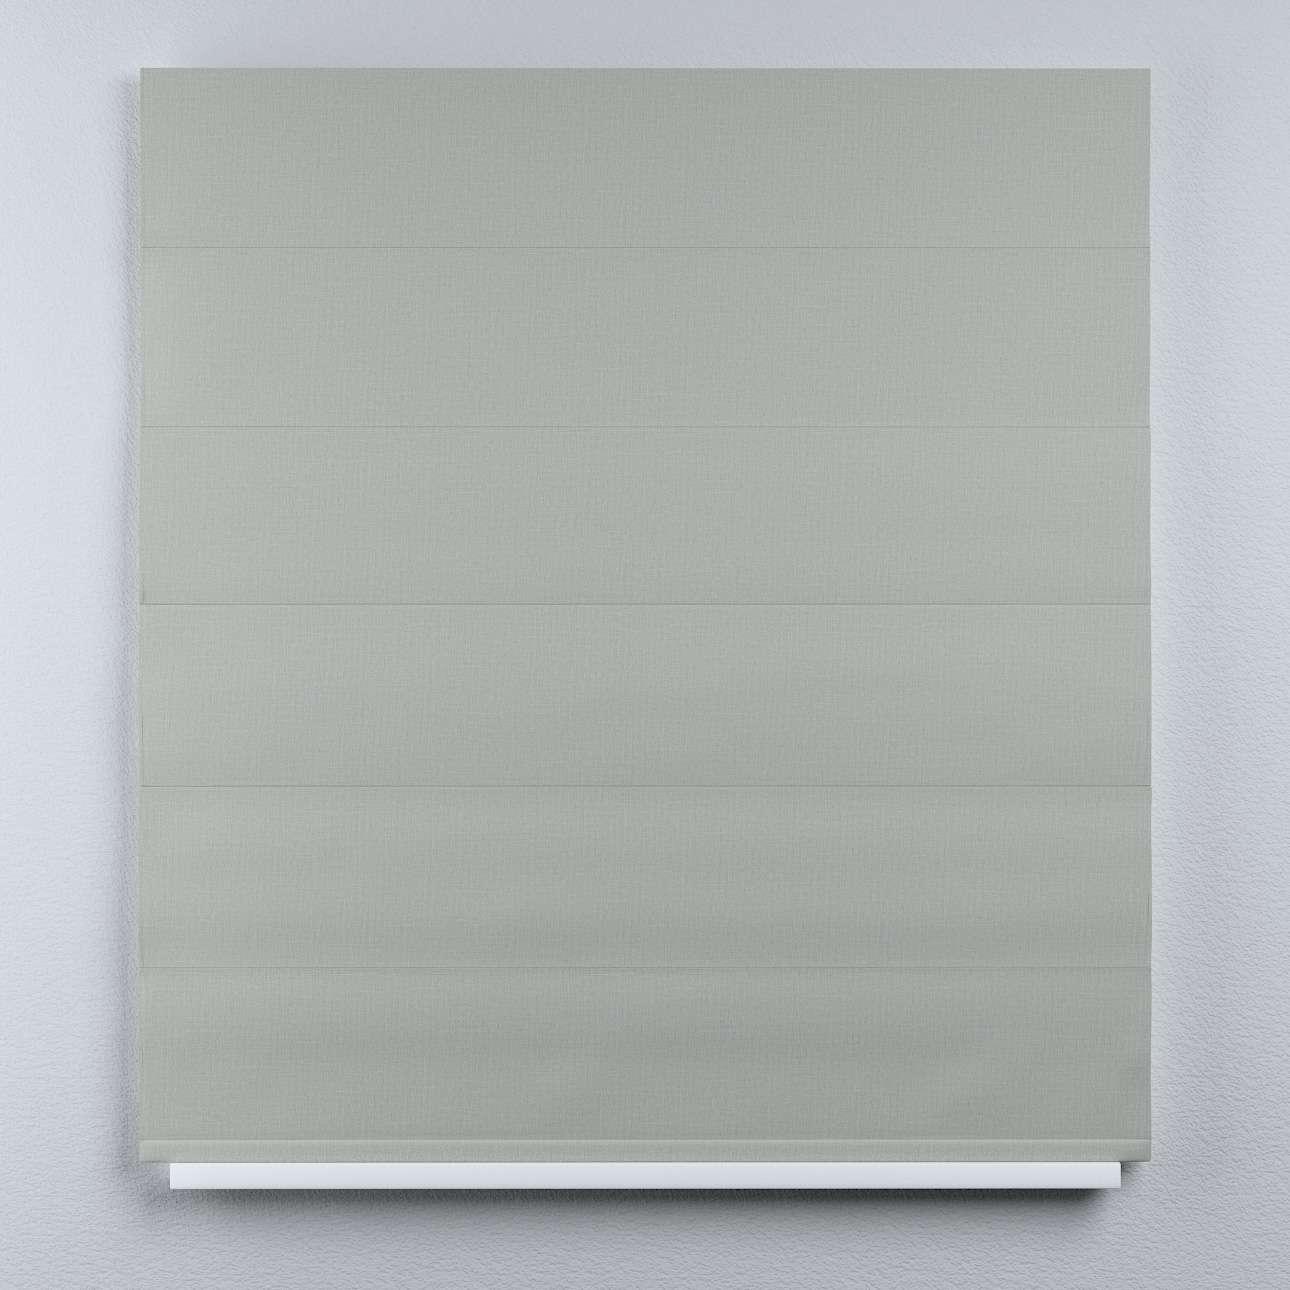 Raffrollo Duo von der Kollektion Blackout 280 cm, Stoff: 269-13